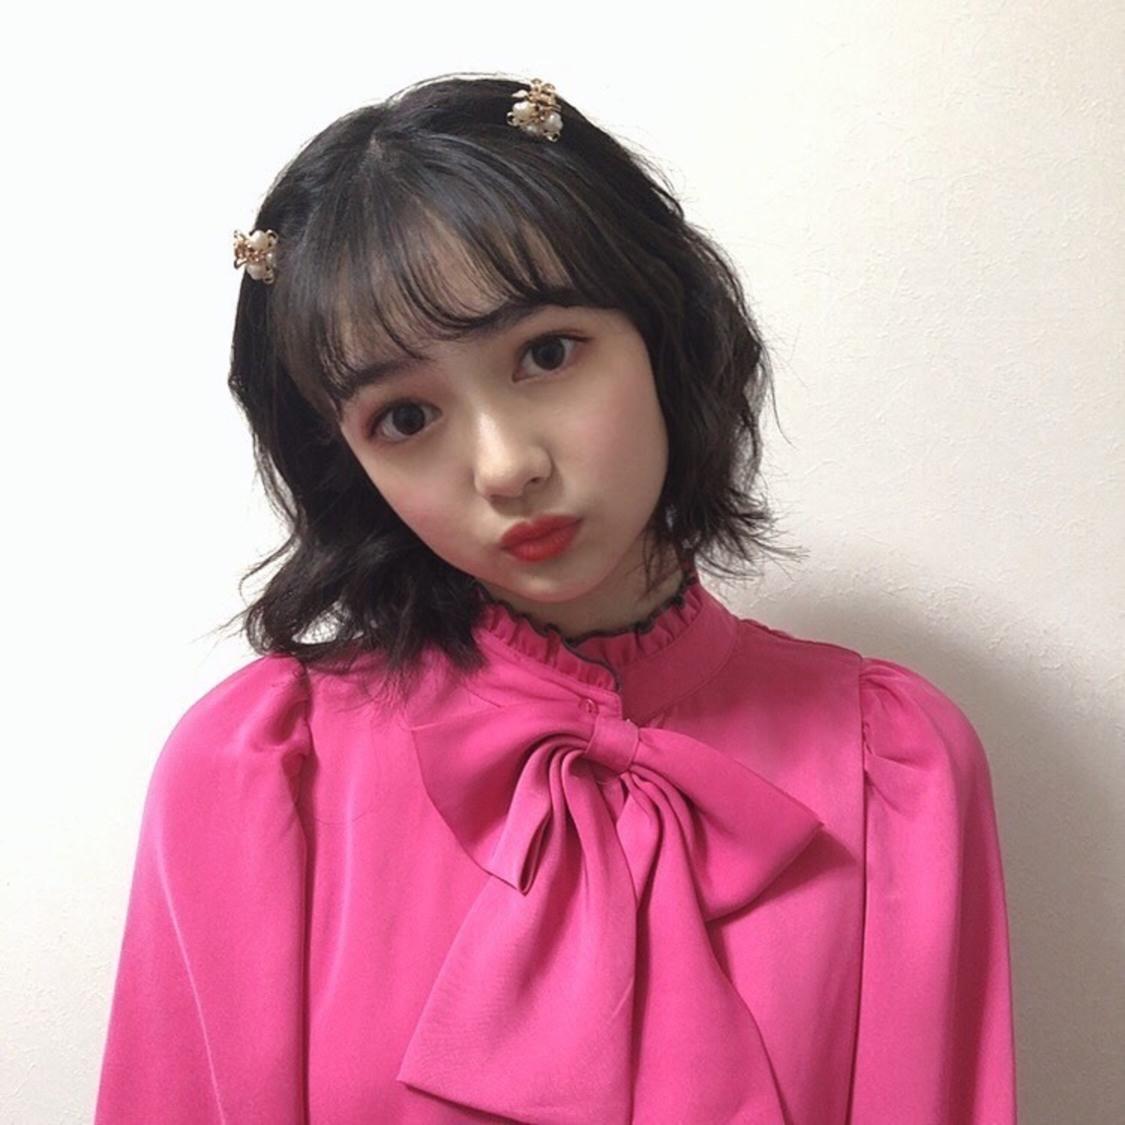 菅井純愛、ショートボブへの劇的イメチェンに称賛の声「可愛すぎ」「全力で応援するね!」